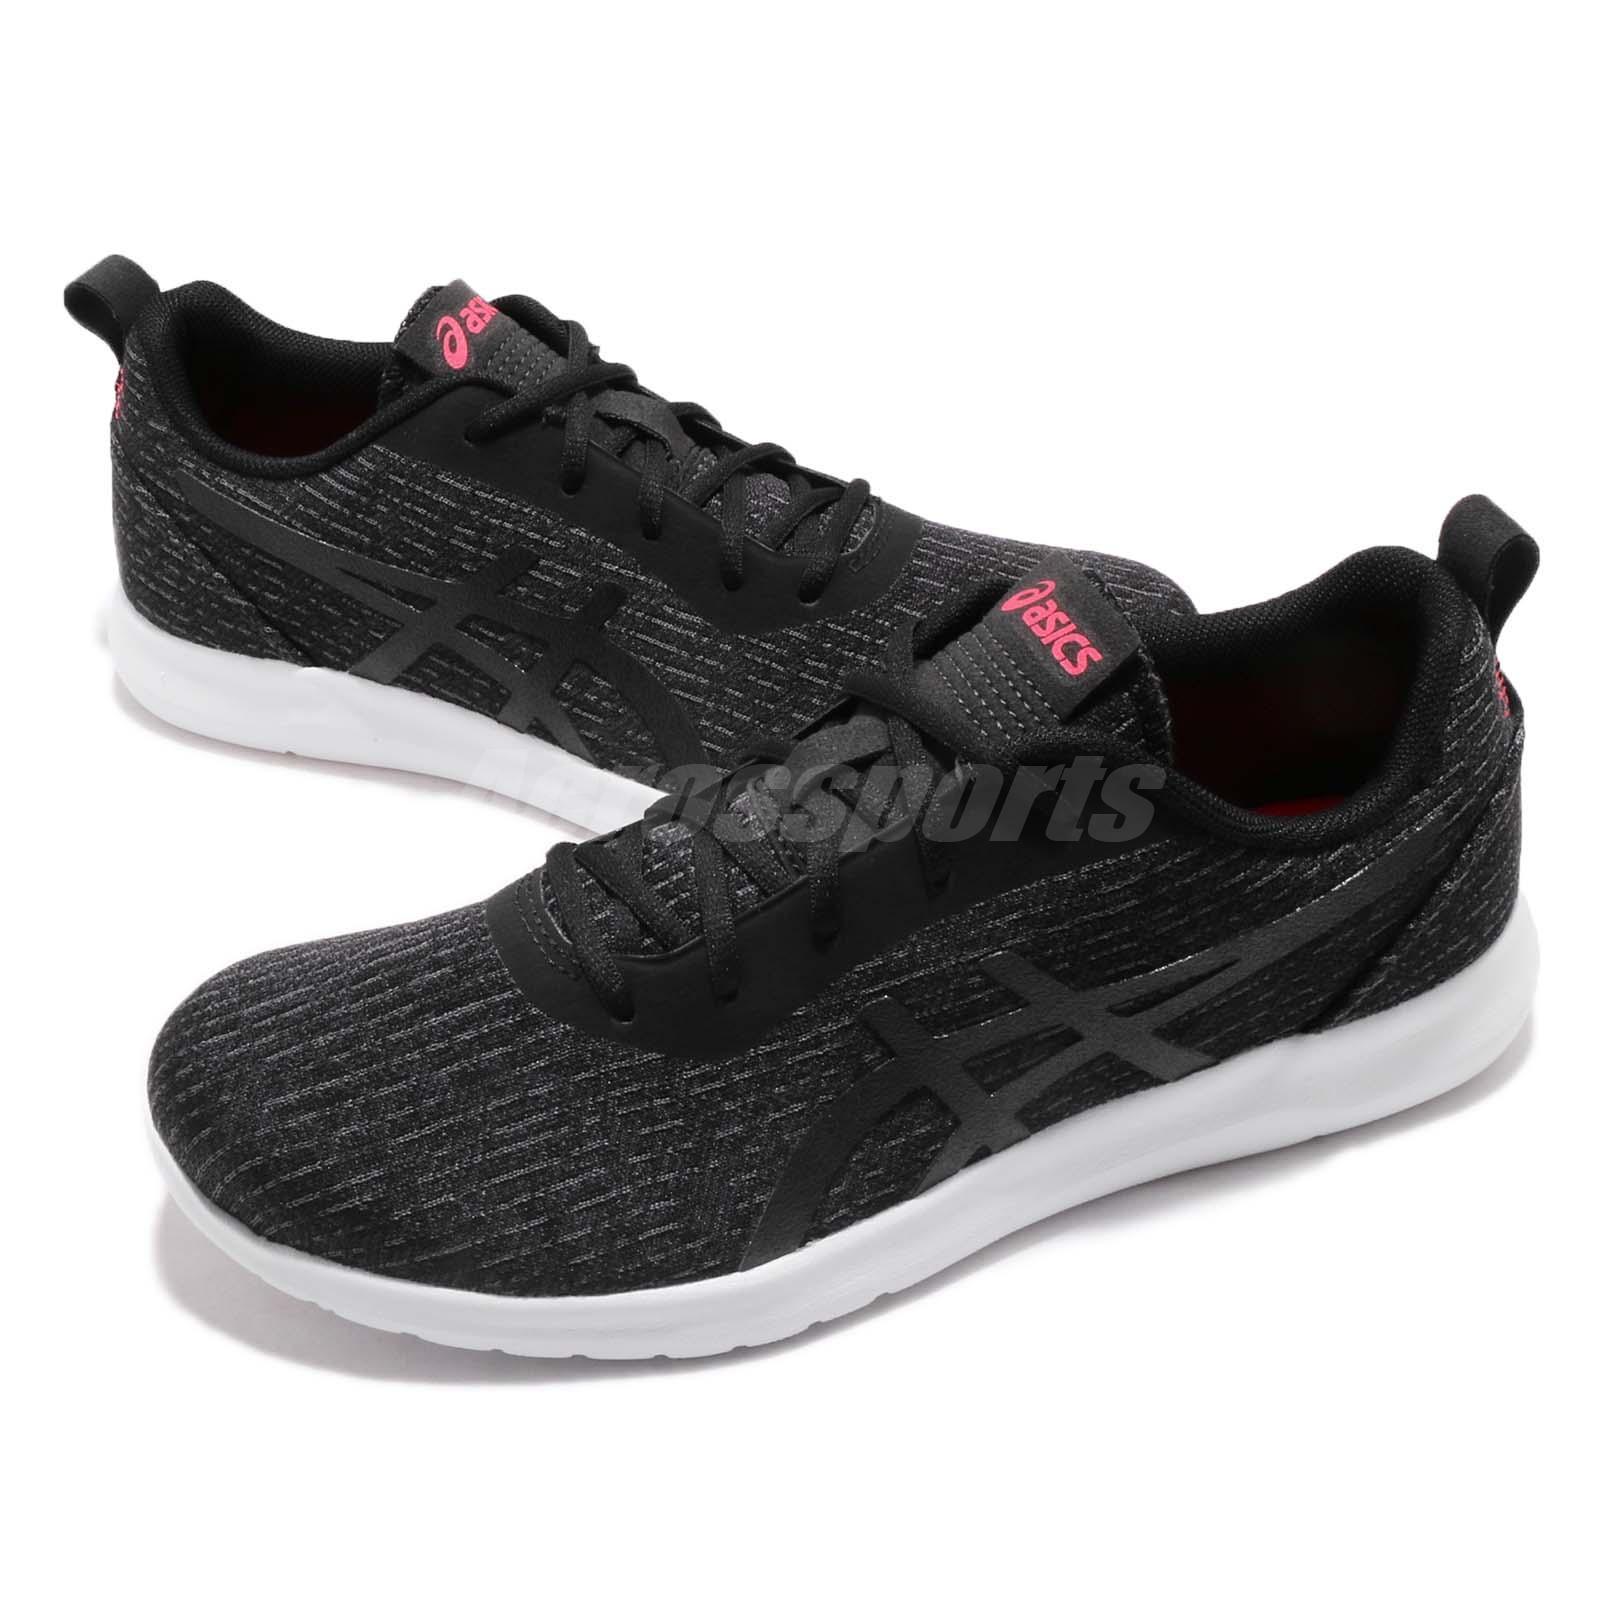 ac90b8c9d0d Details about Asics Kanmei 2 Black White Lightweight Womens Running Shoes  1022A011-001